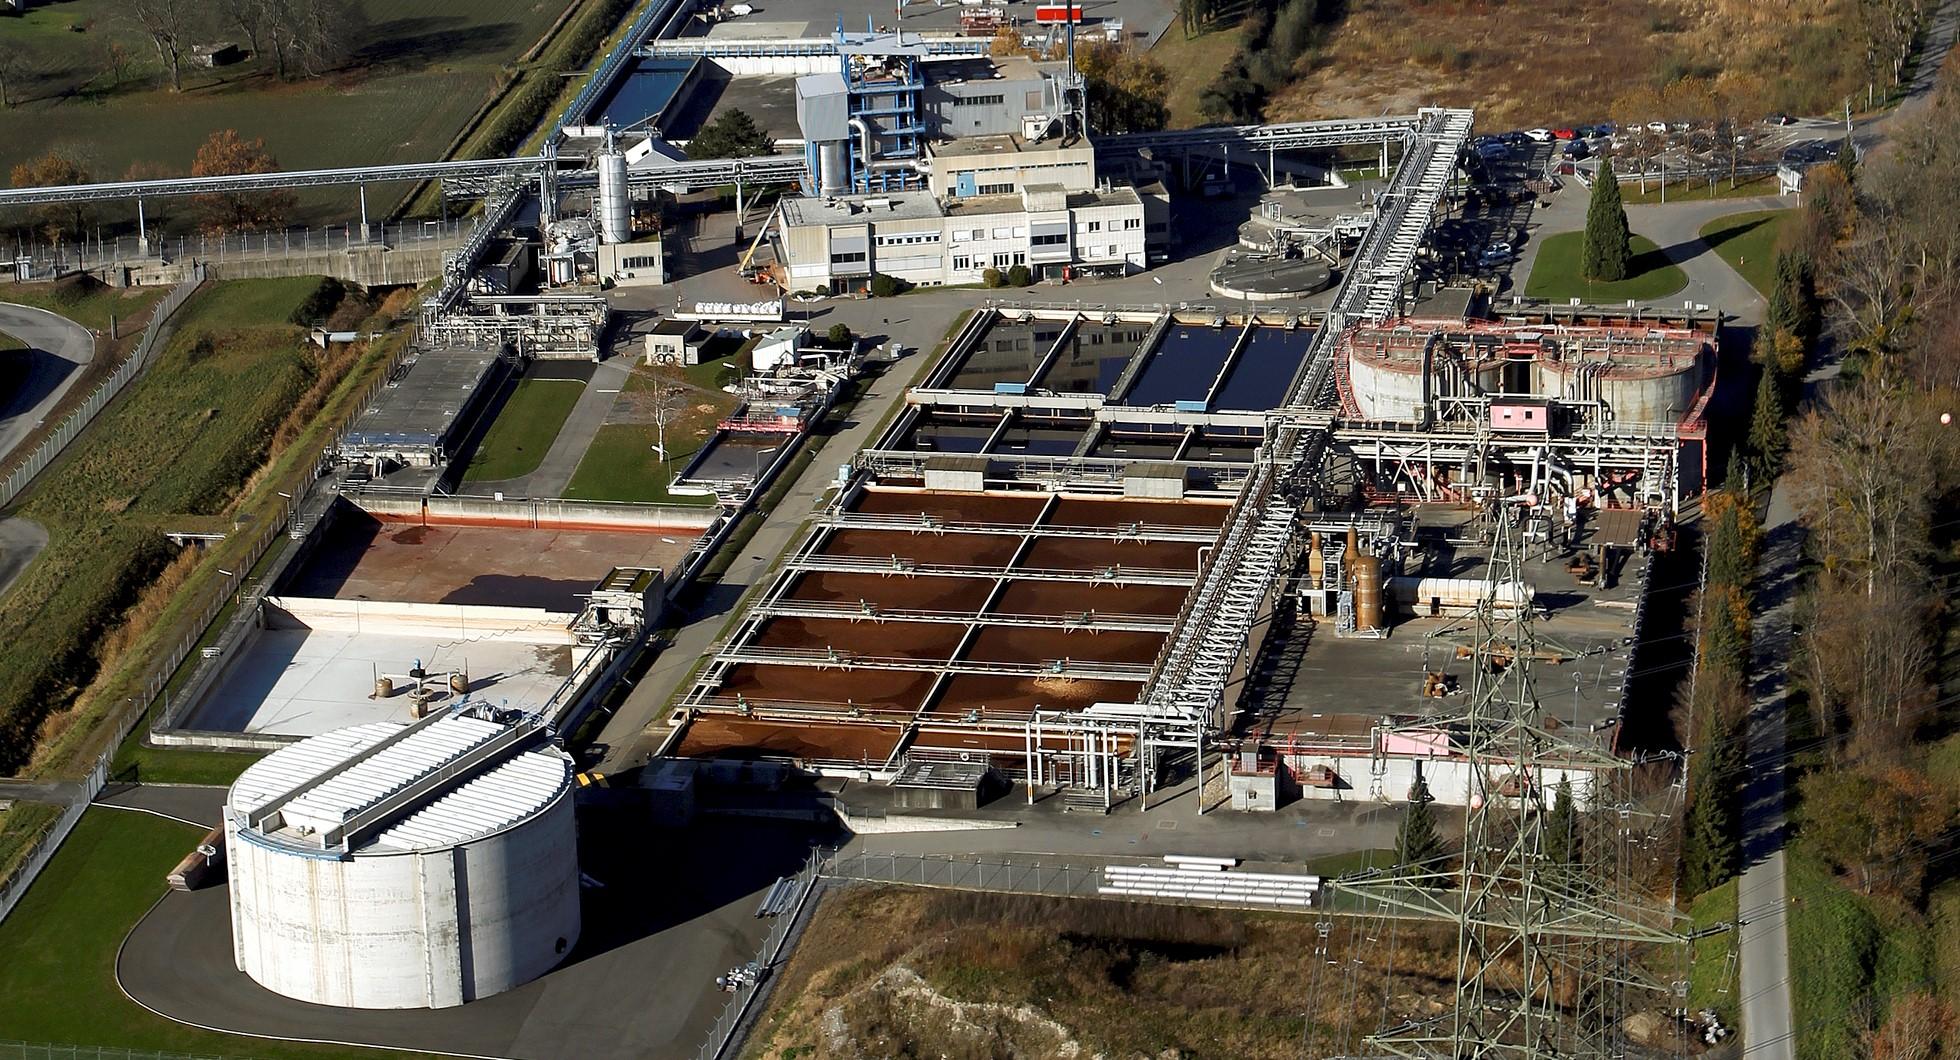 Station d'épuration des usines chimiques